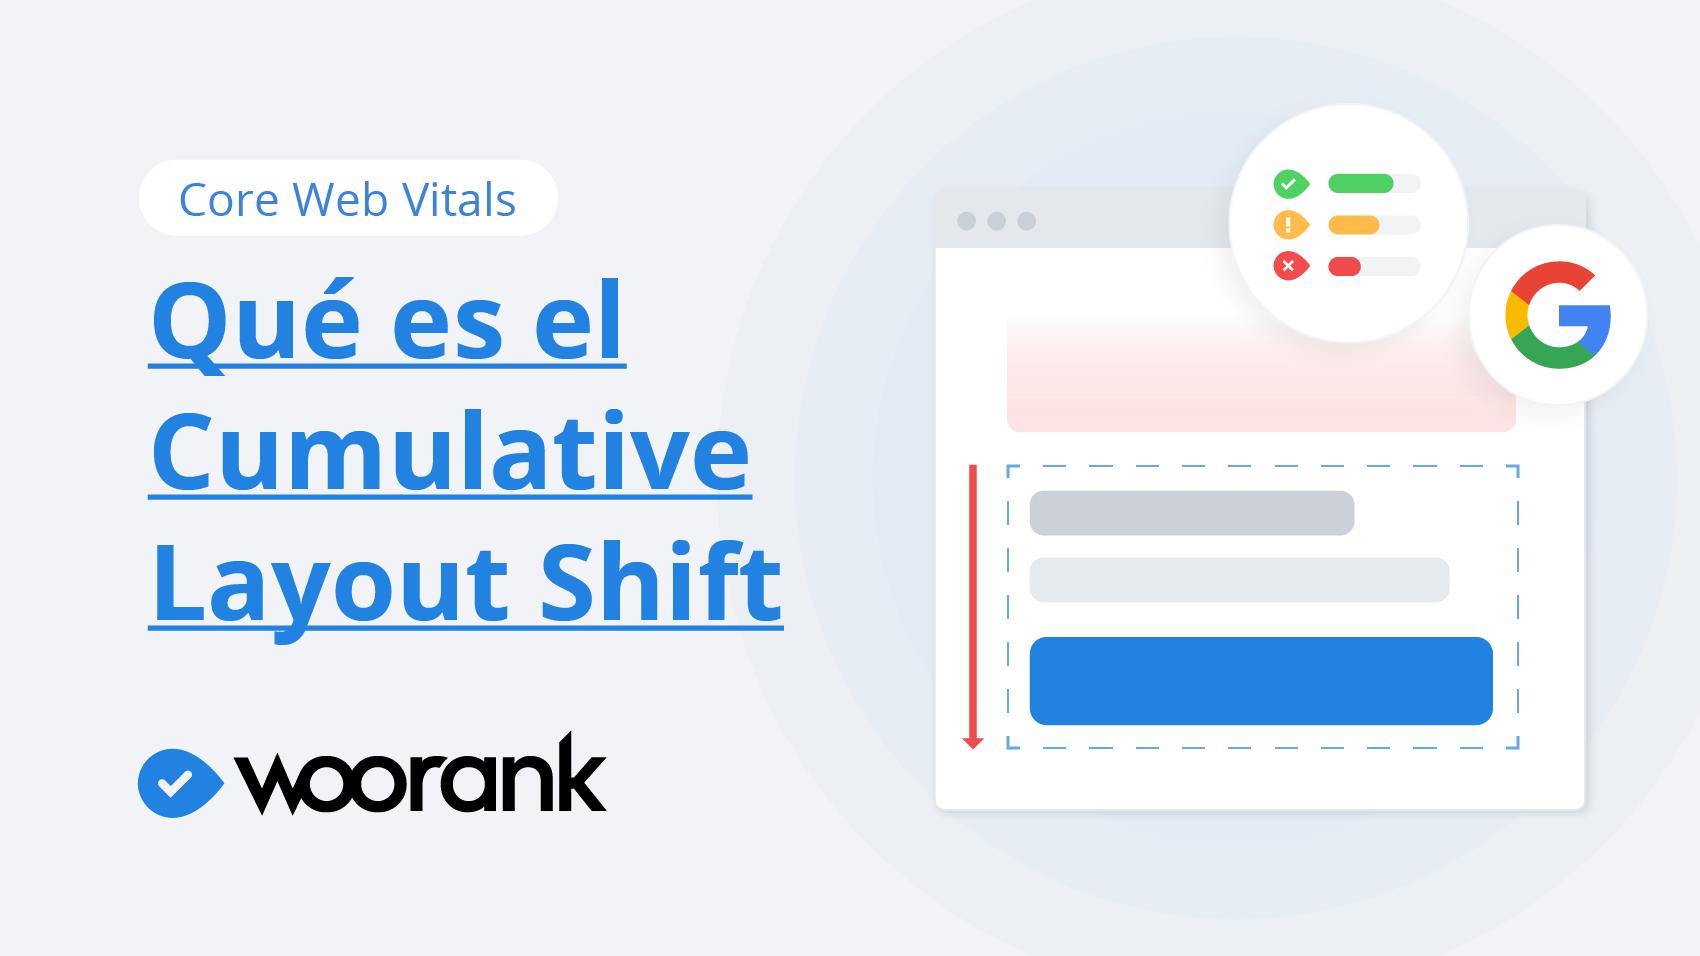 Core Web Vitals: ¿Qué es el Cumulative Layout Shift?